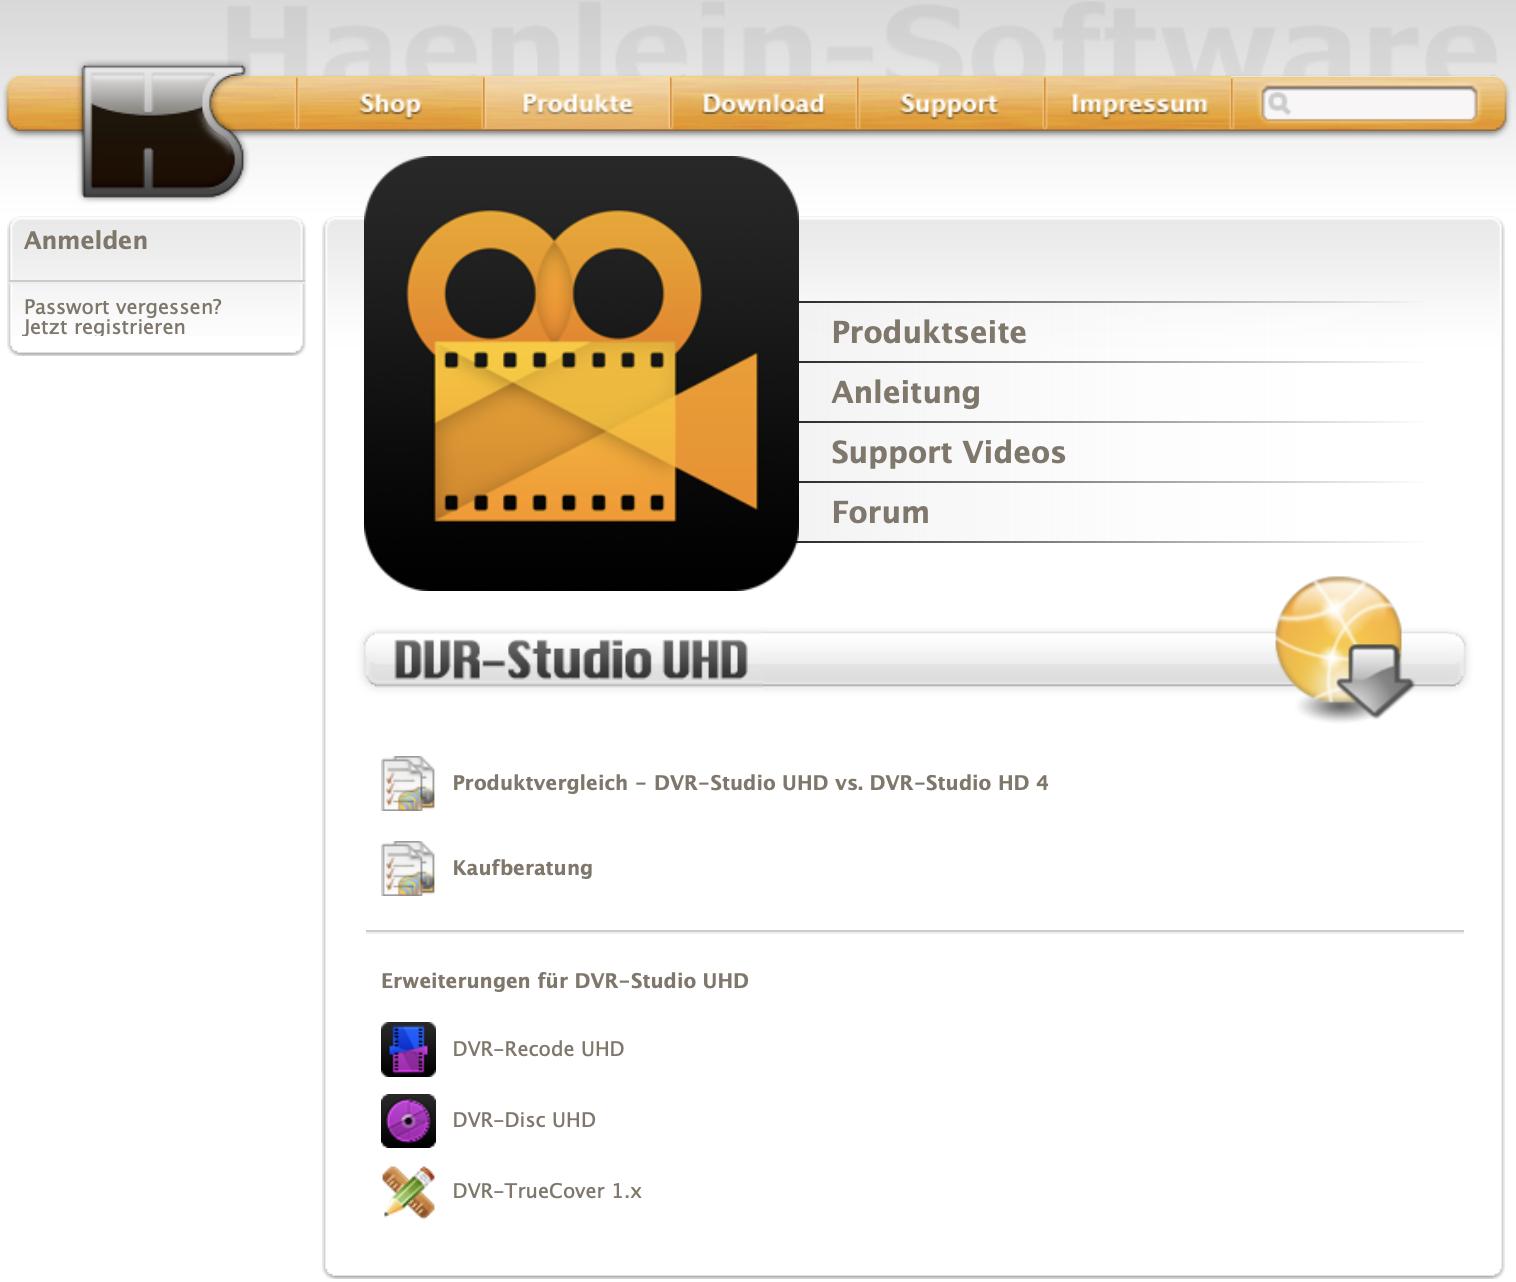 Haenlein-Software-Sammelseite-DVR-Studio-UHD.png